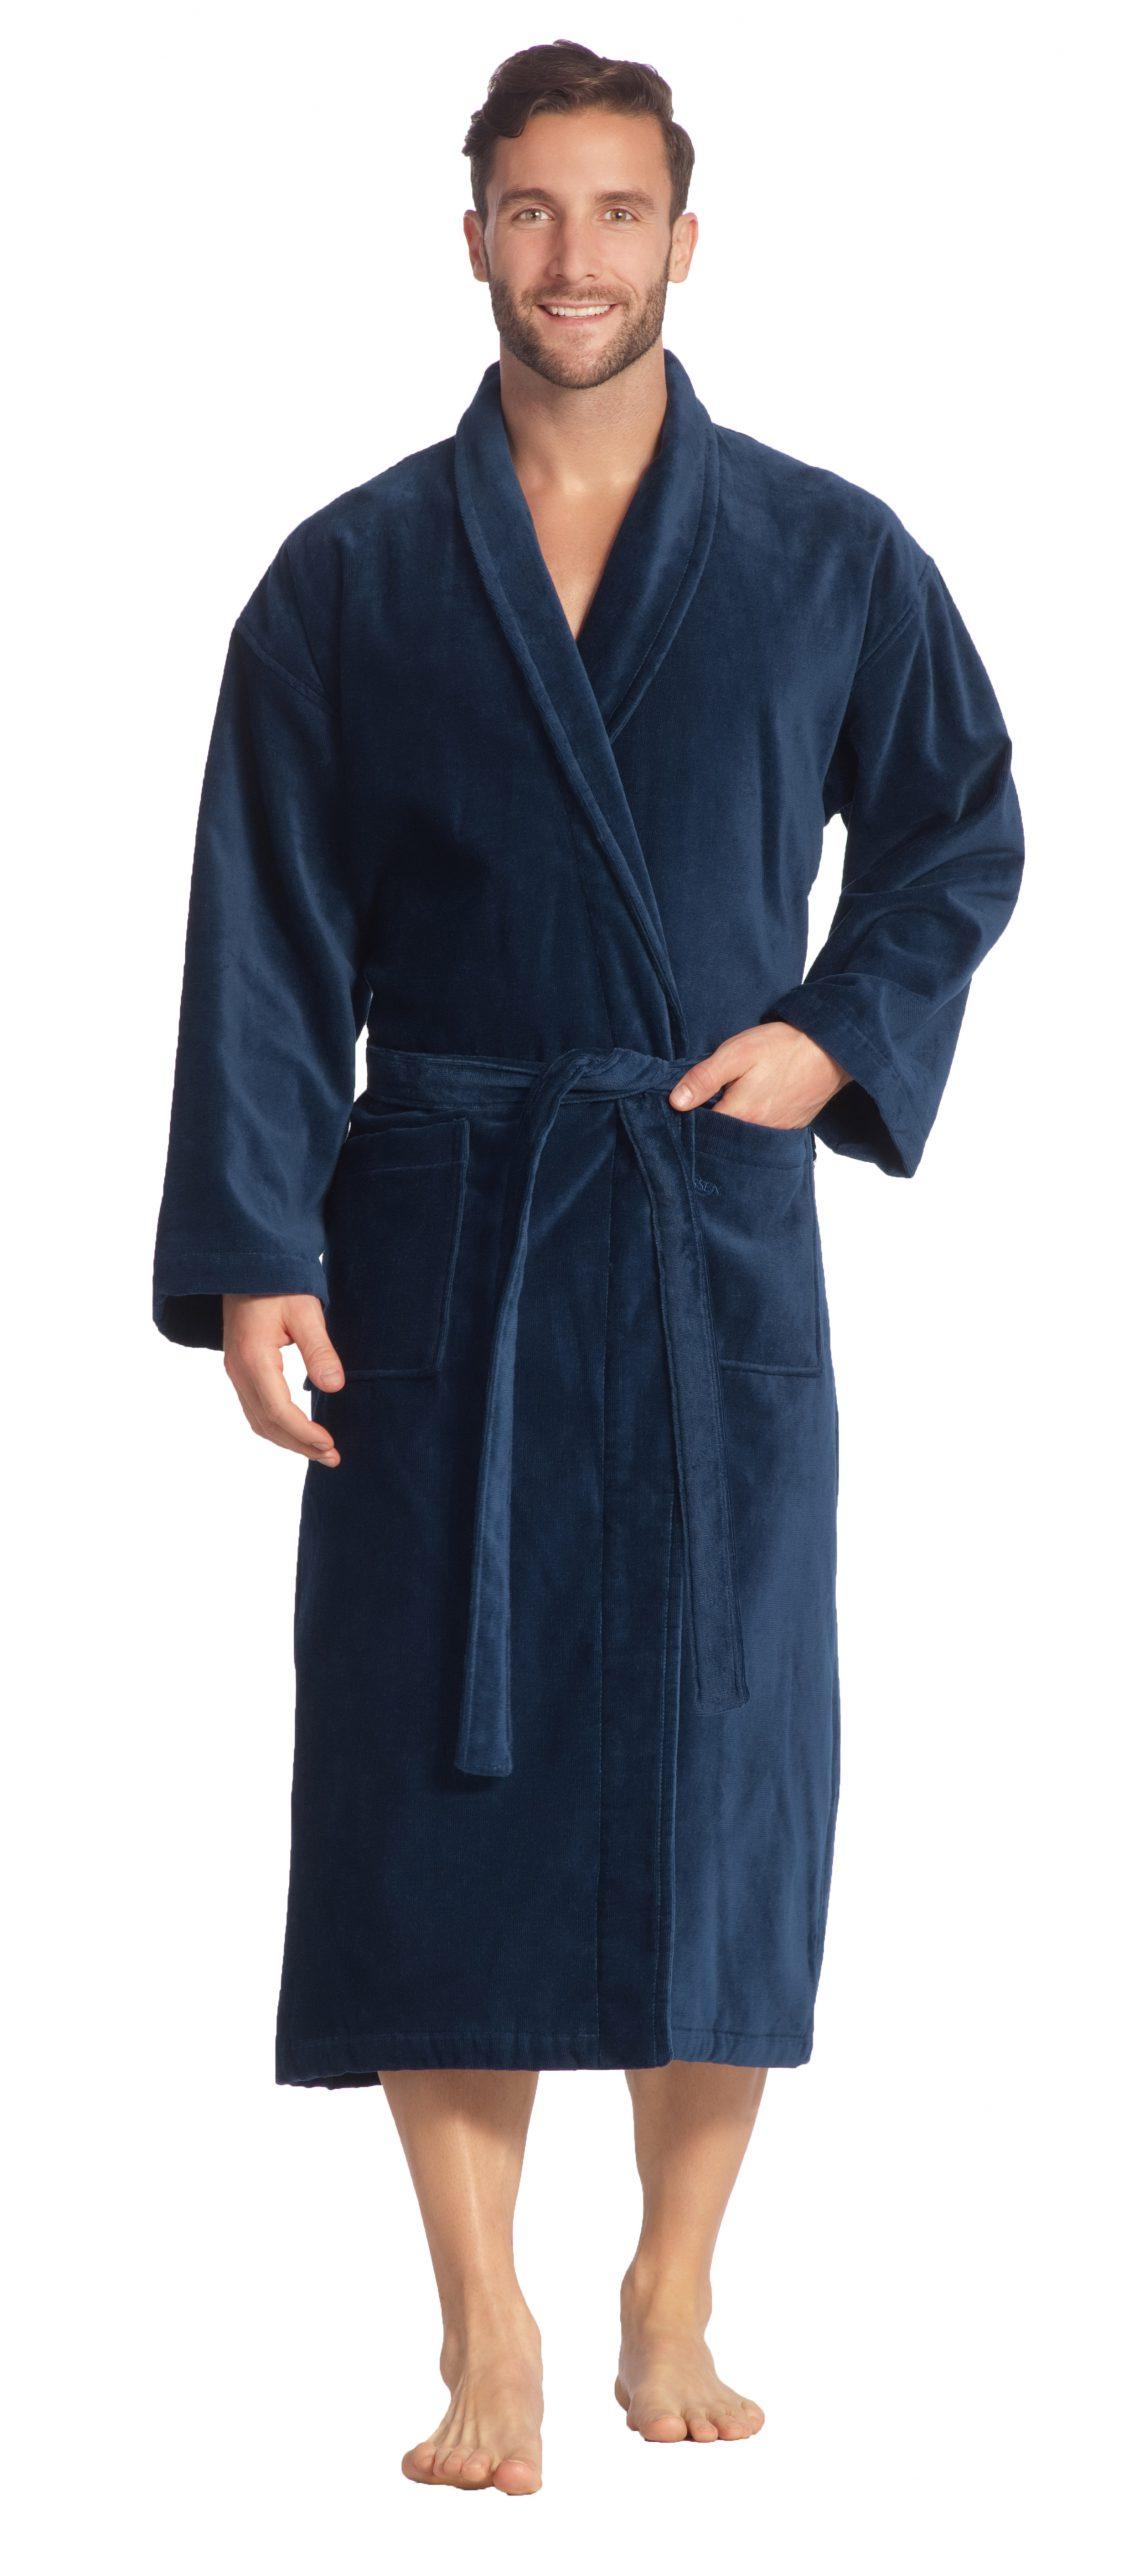 Luxe donkerblauwe badjas met sjaalkraag van luxe veloursbadstof van Vossen-0